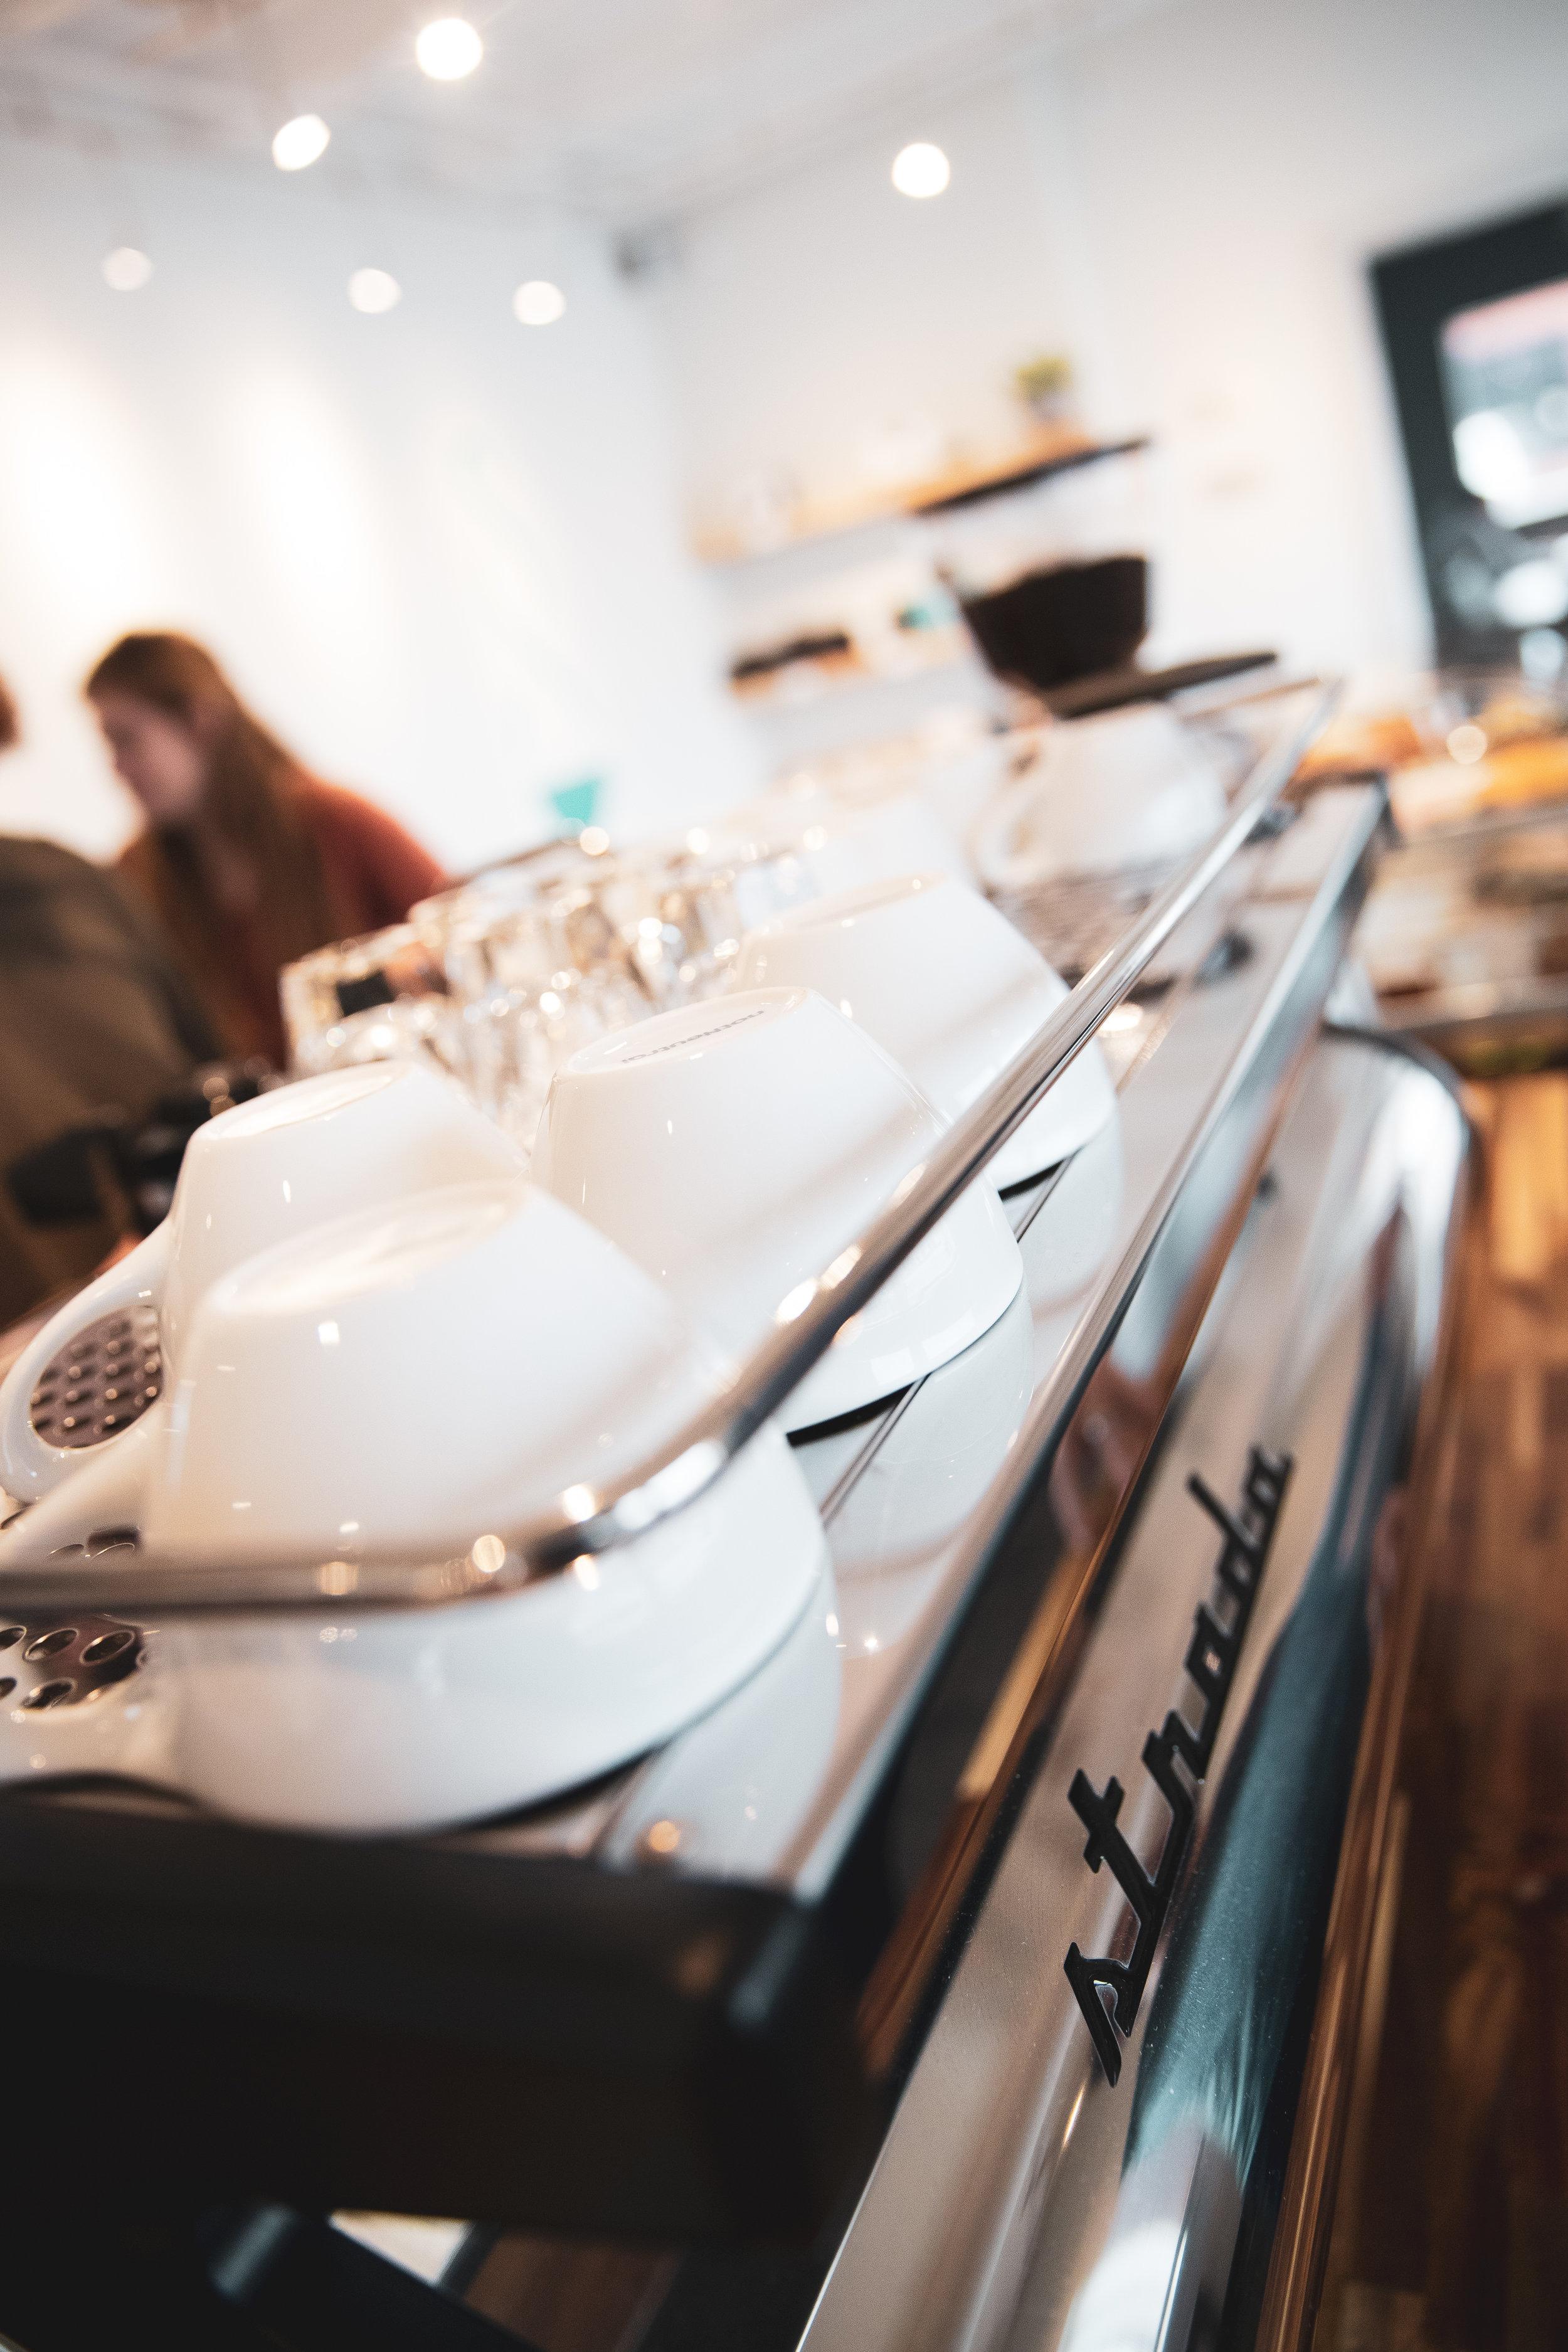 coffeeshop-photography-9I0599.jpg